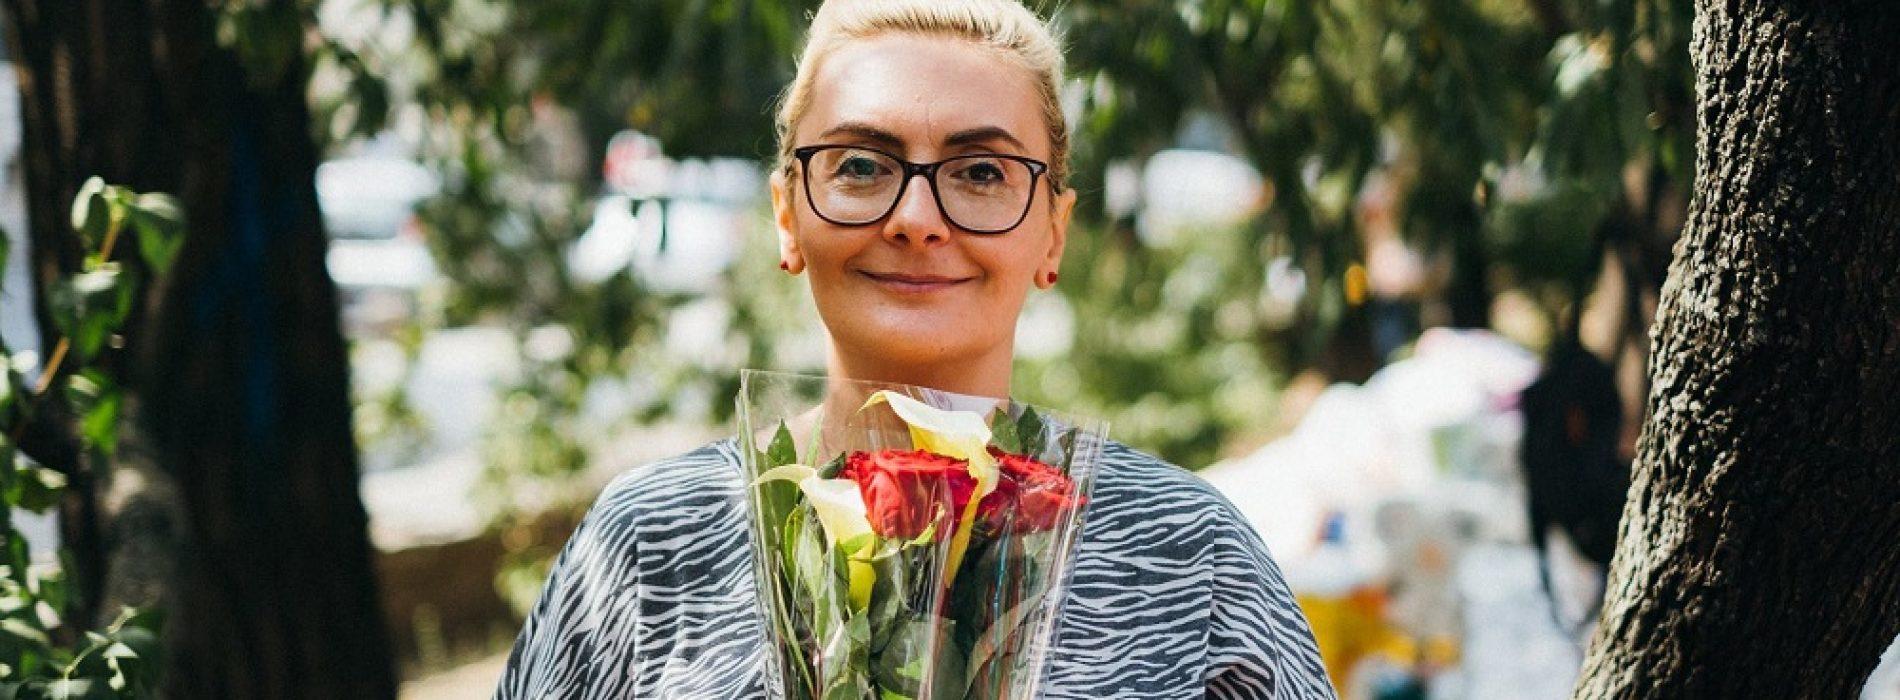 Scurt ghid de bună purtare pentru donatorul român, de la Cristina Hurdubaia